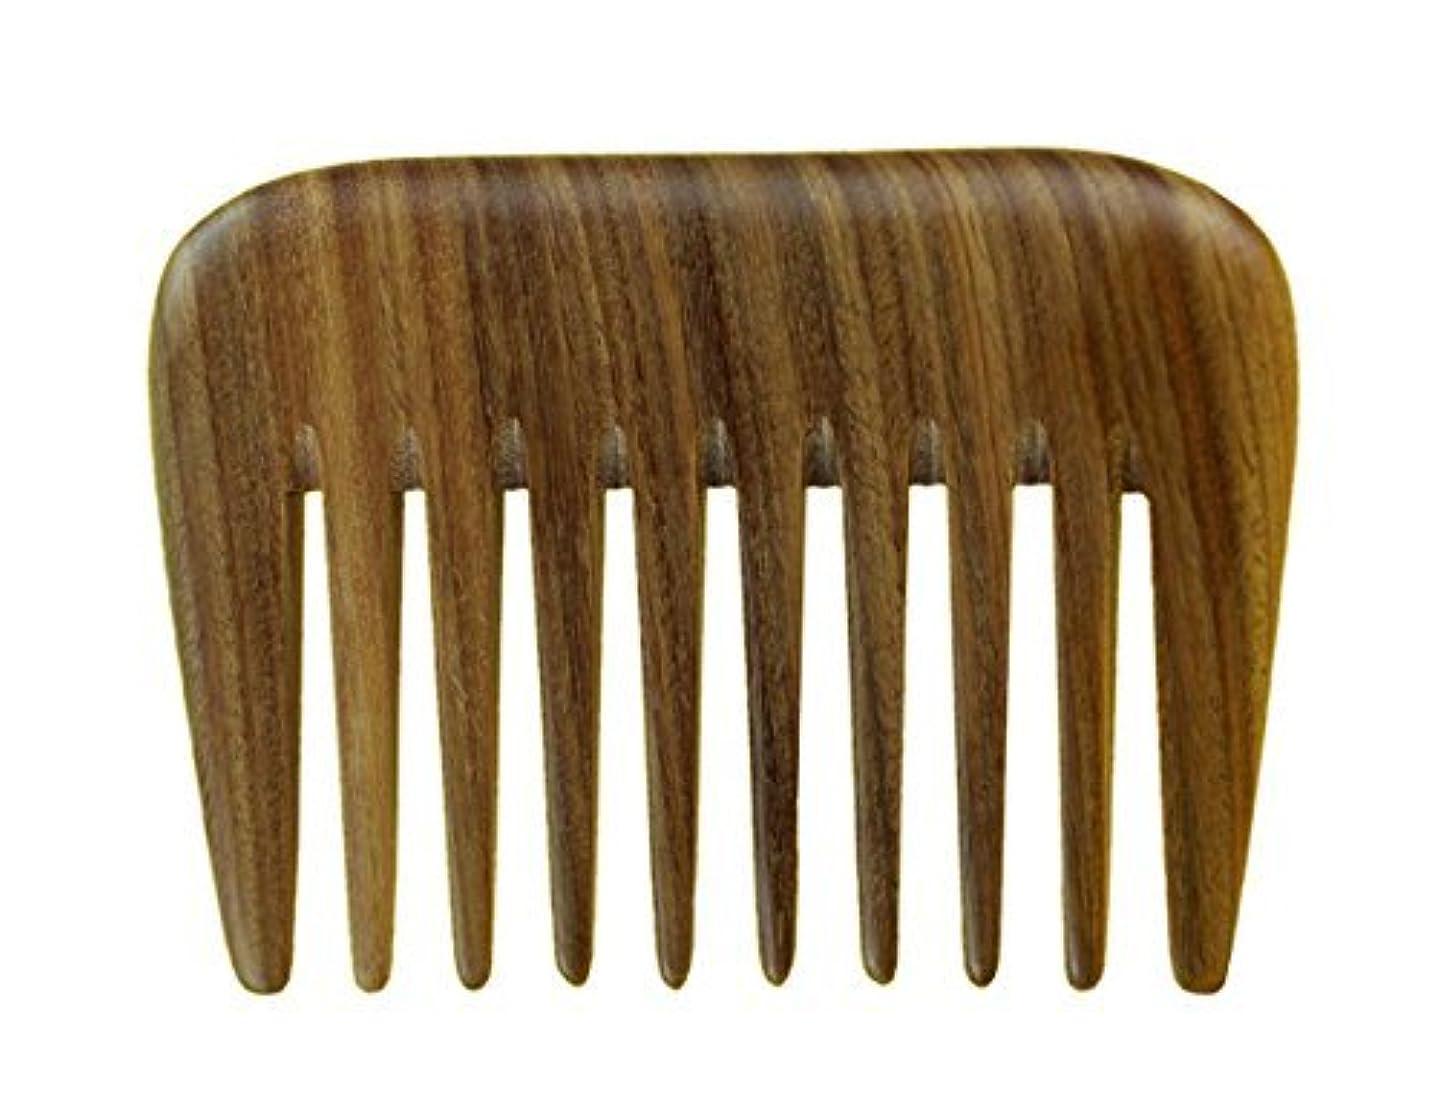 バタークライマックスとは異なりMeta-C Portable Hair/Beard Comb/Pick ? Made Of One Whole Piece Of Natural Green Sandal Wood With Fragrant Scent...